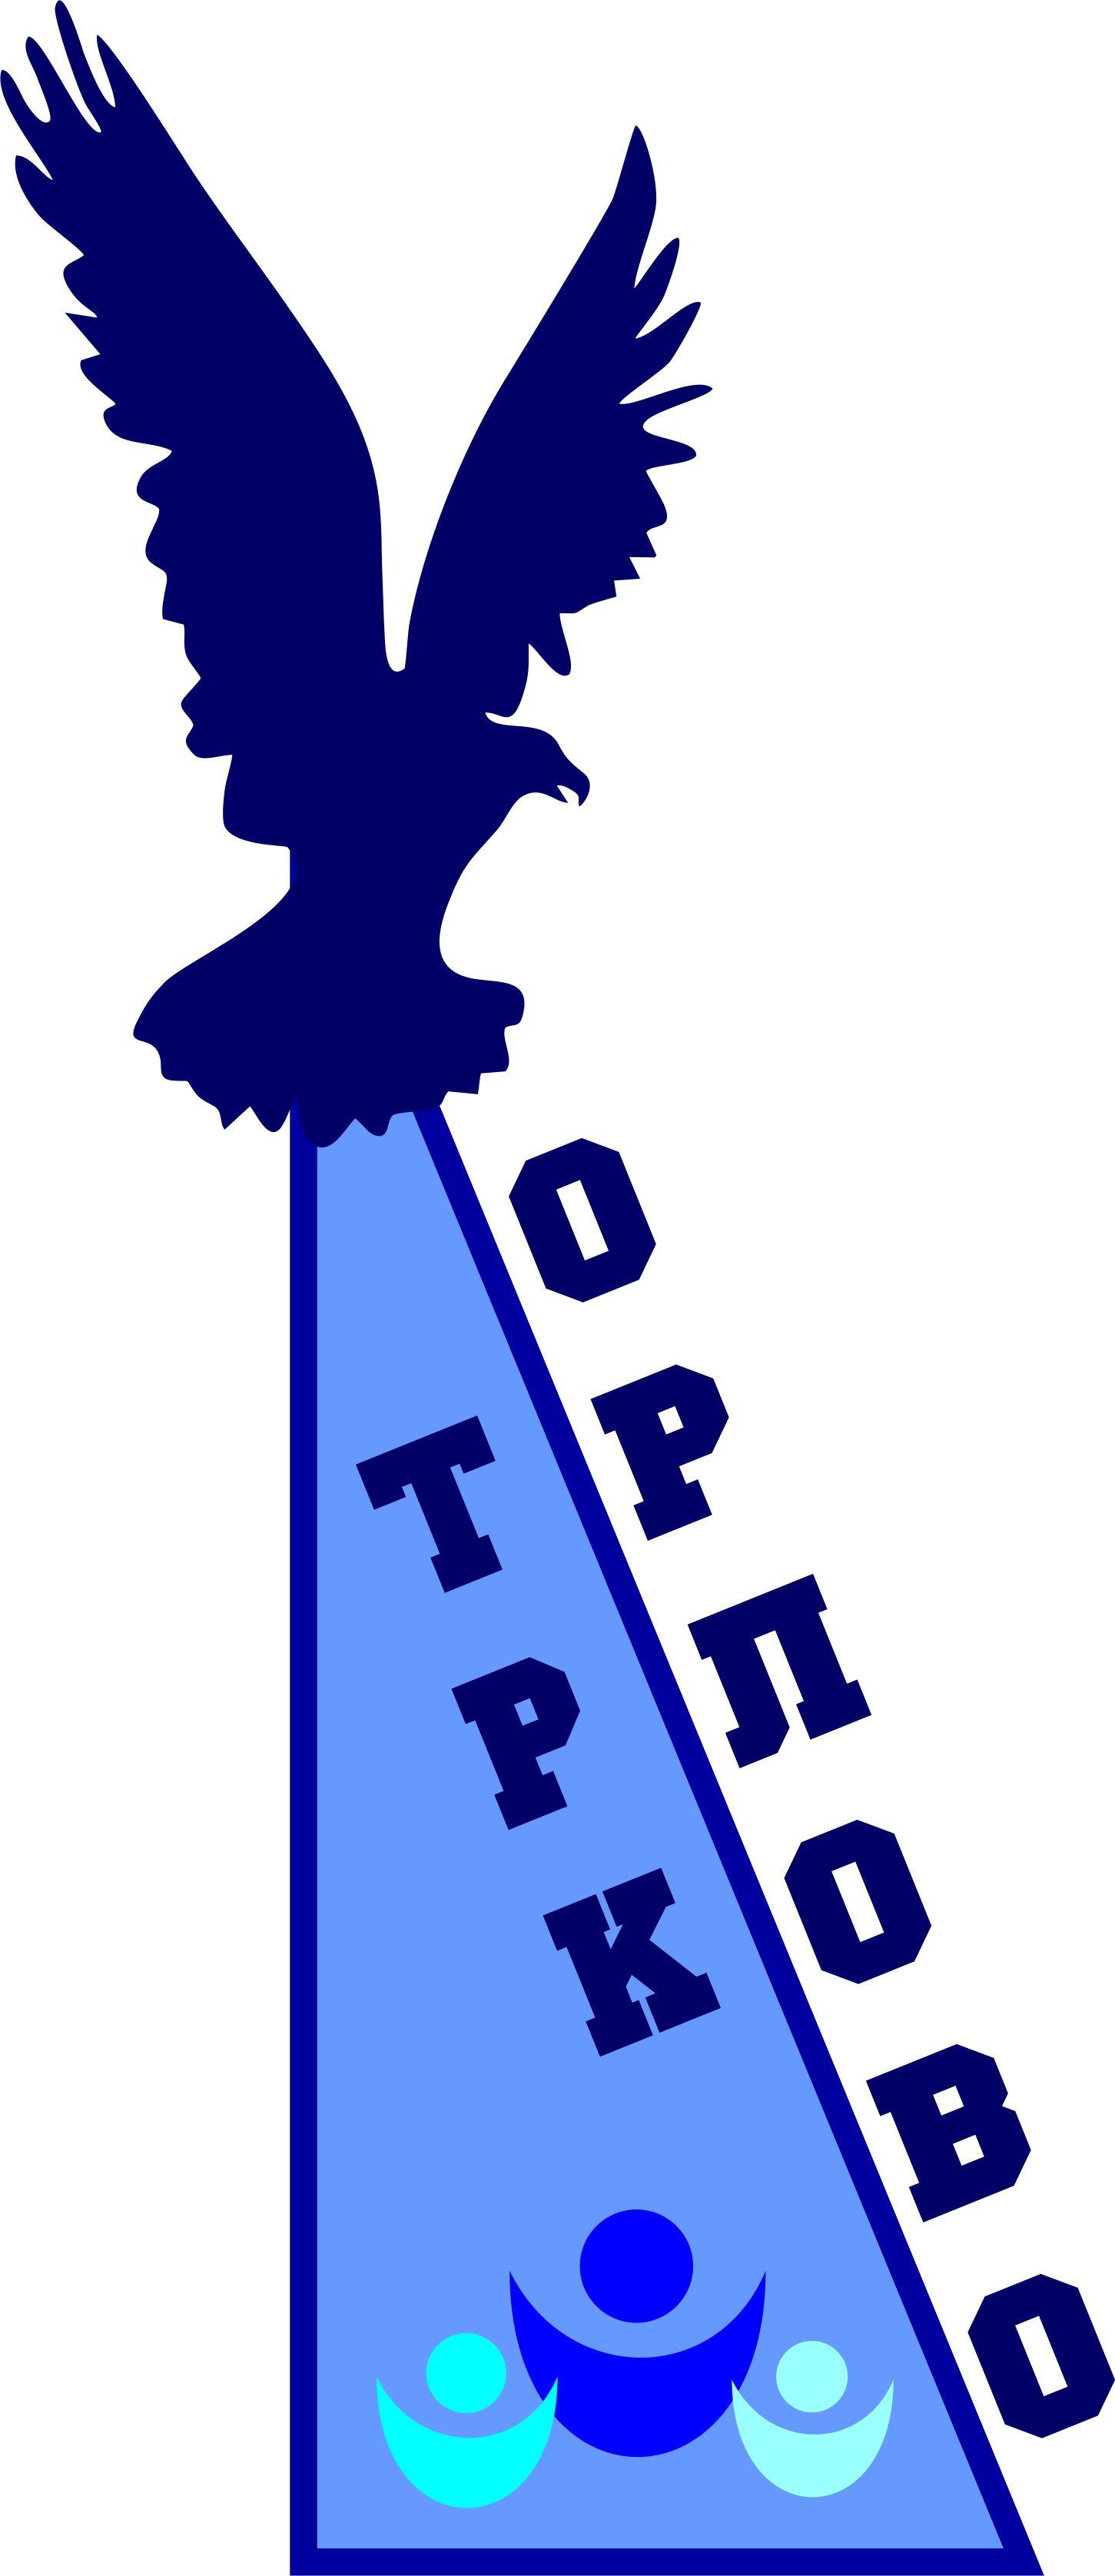 Разработка логотипа для Торгово-развлекательного комплекса фото f_3085969b1331ac99.jpg